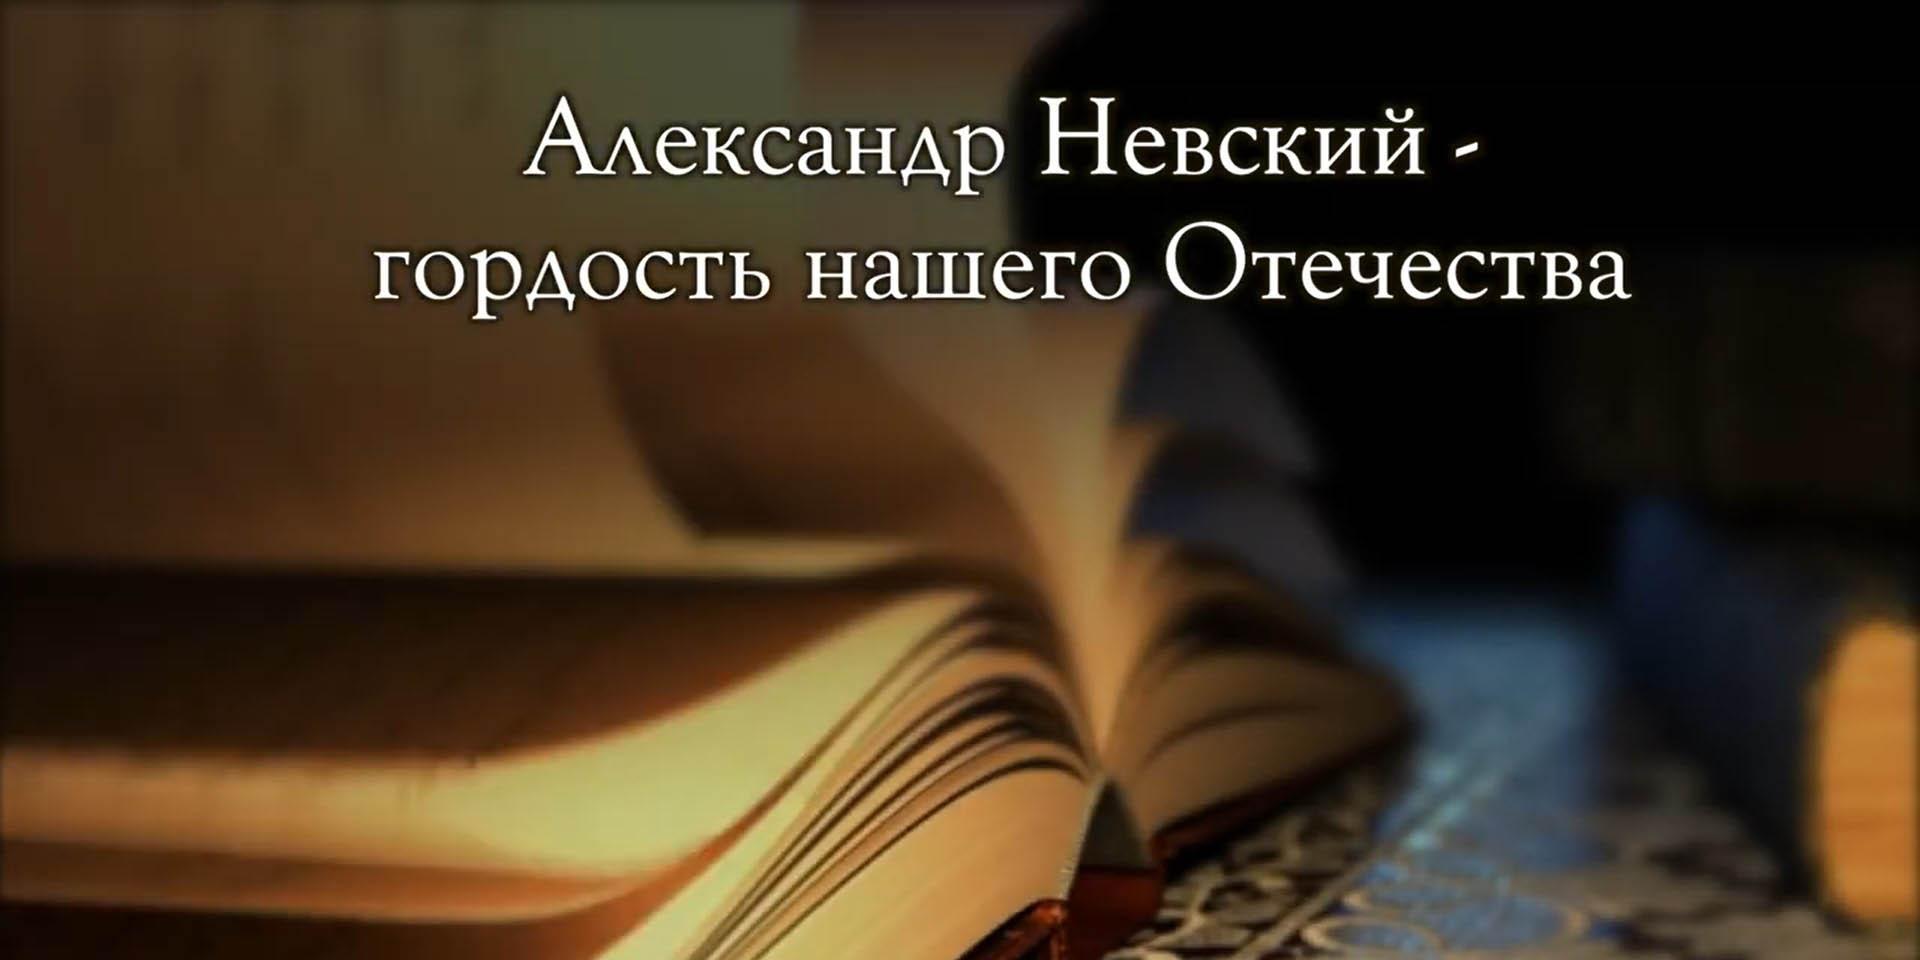 А.А. Горский. «Александр Невский – гордость нашего отечества»